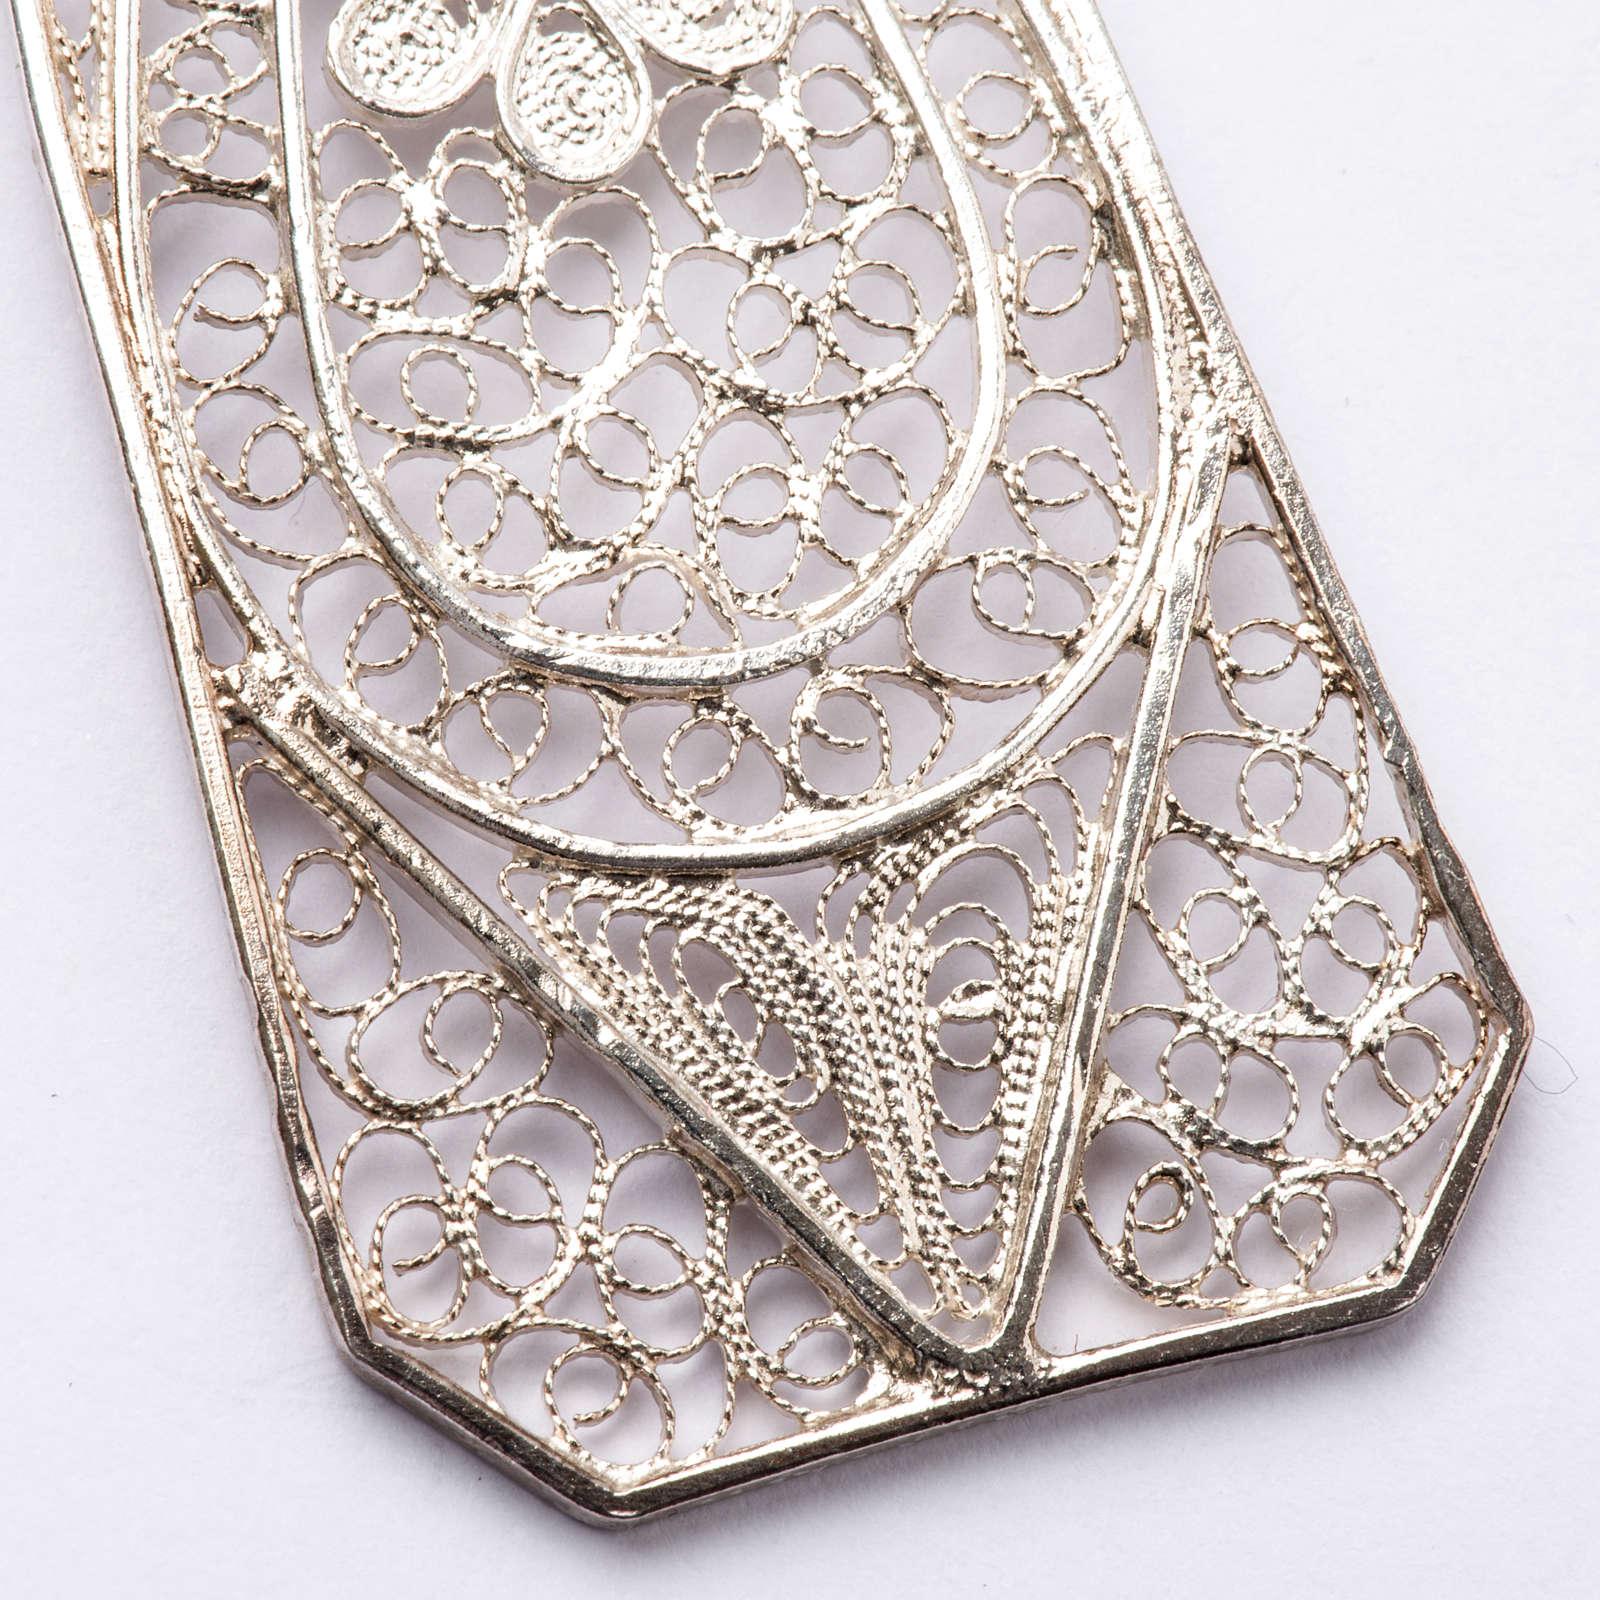 Croce vescovile turchese argento 800 filigrana 3